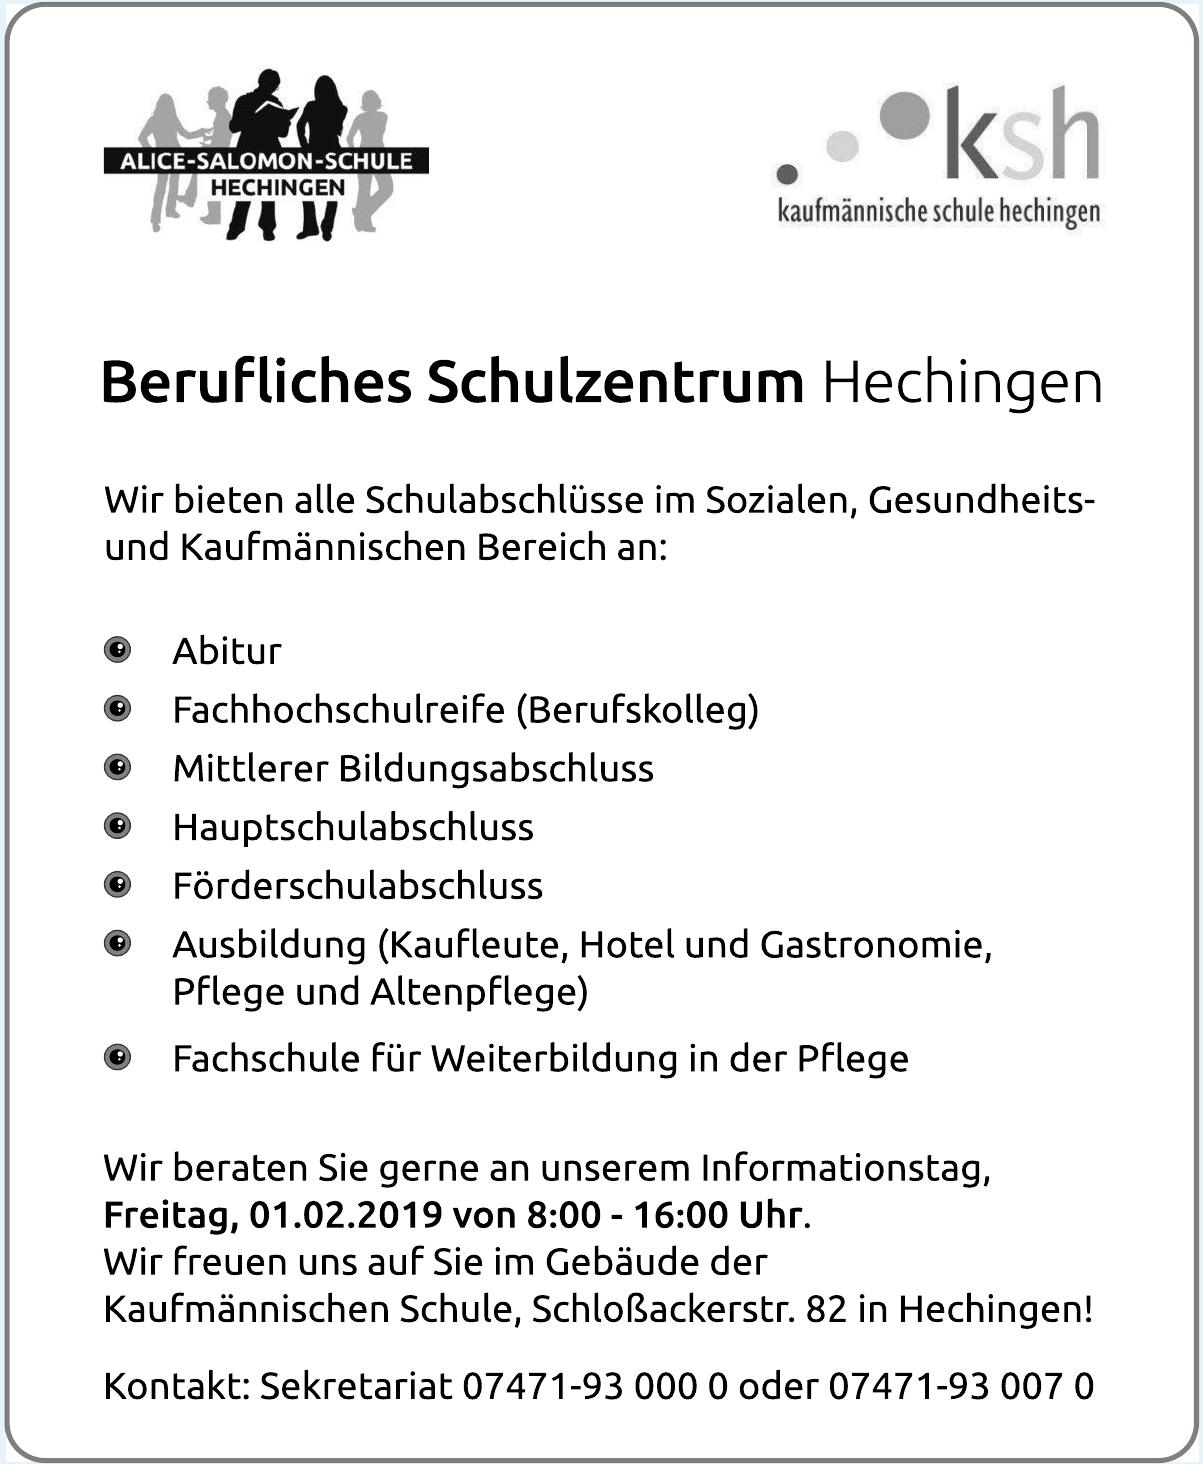 KSH Kaufmännische Schule Hechingen